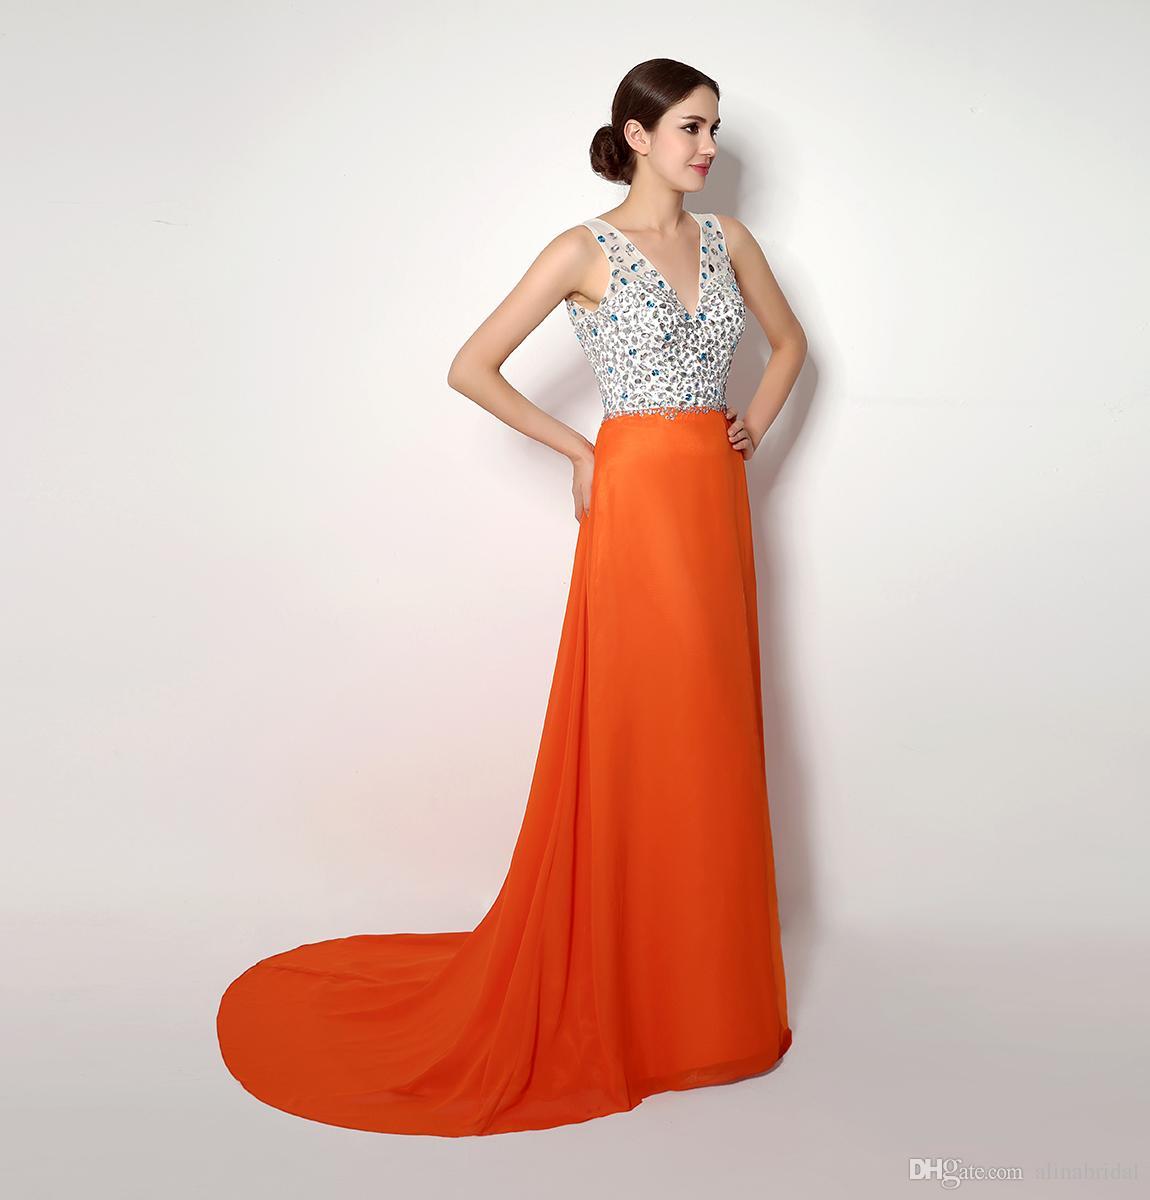 2018 I lager Orange Designer Prom Klänningar Under 50 V-Neck Kvällar Sida Split Kristaller Baklösa Kvällar Lång Party Formell Klänning